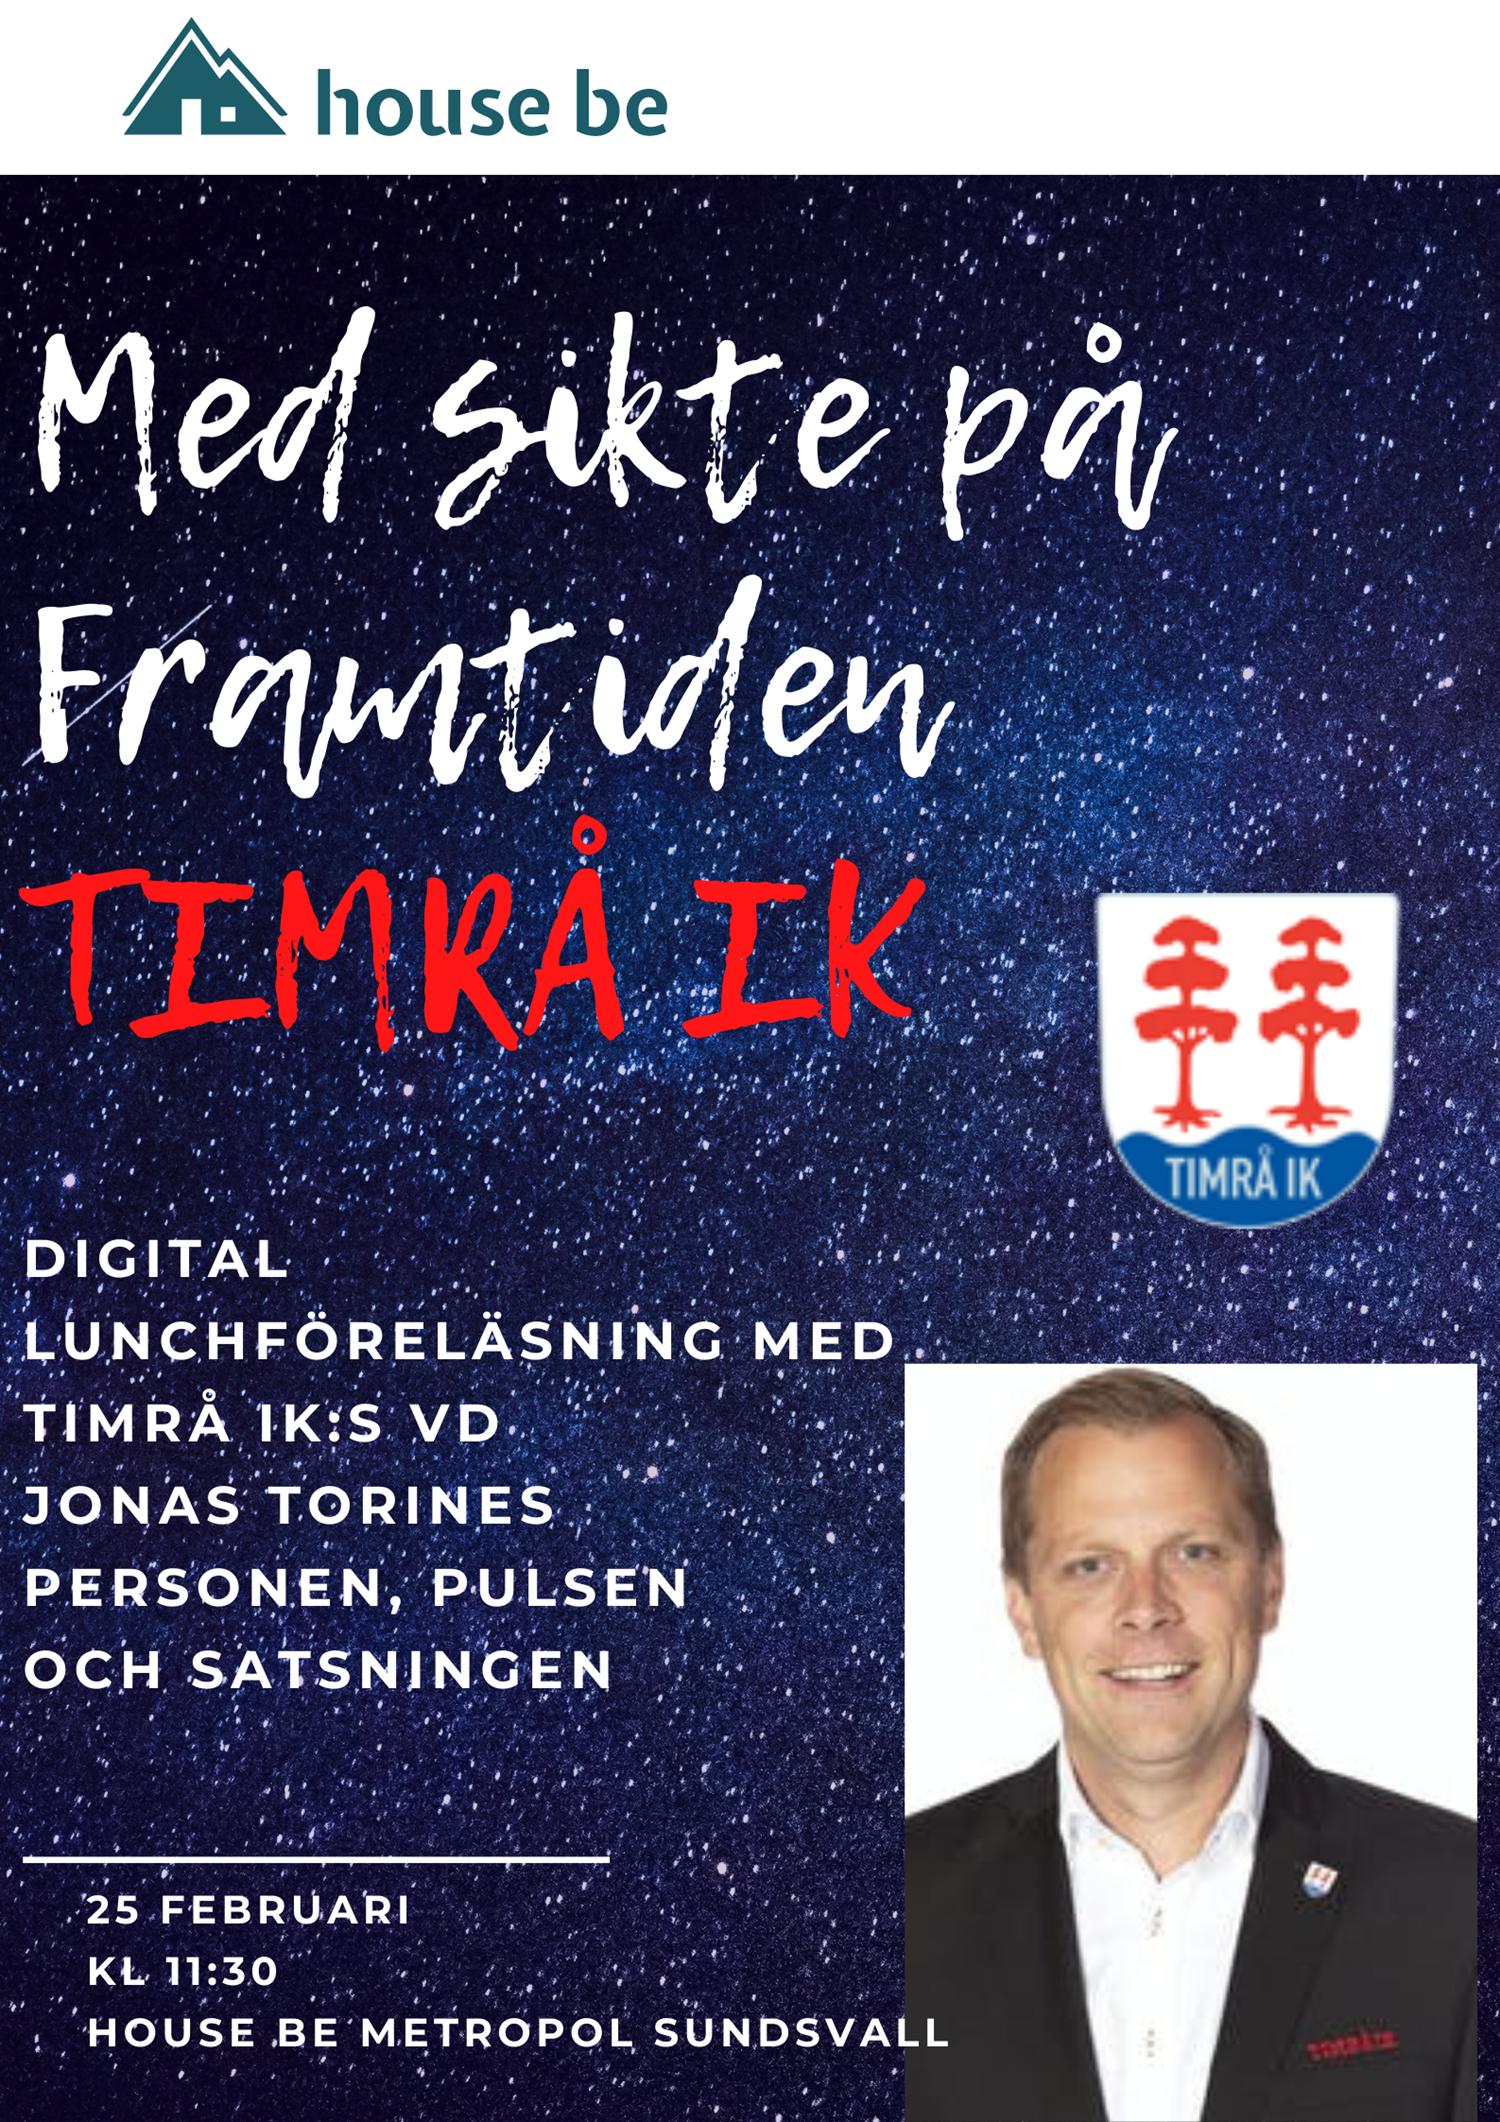 Med sikte på Framtiden - Jonas Torines VD Timrå IK